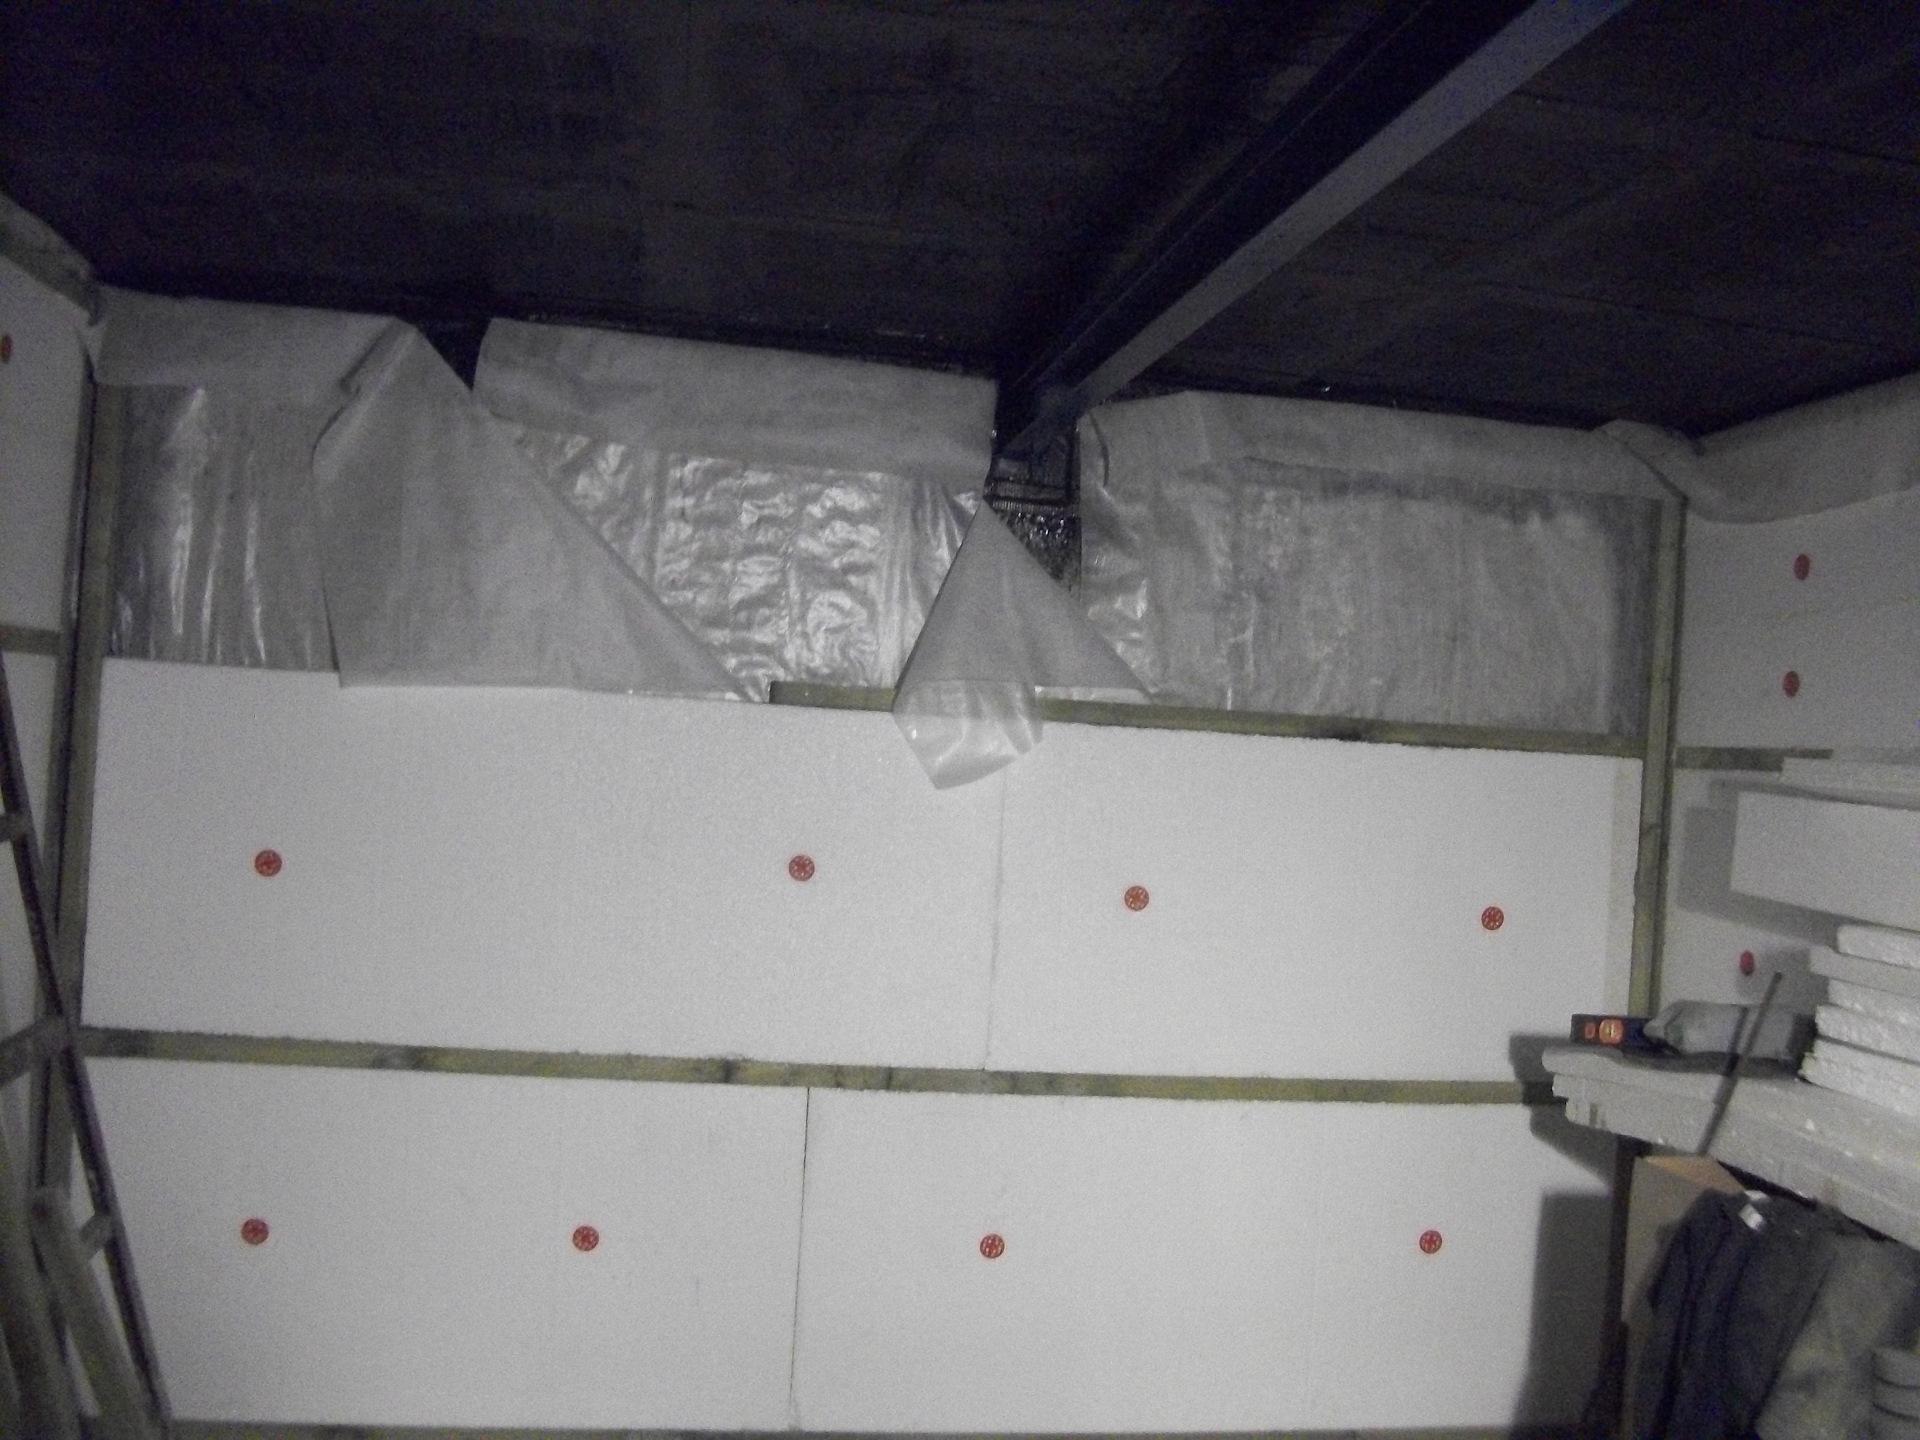 Как утеплить гараж дешево изнутри - возможные варианты, пошаговые инструкции